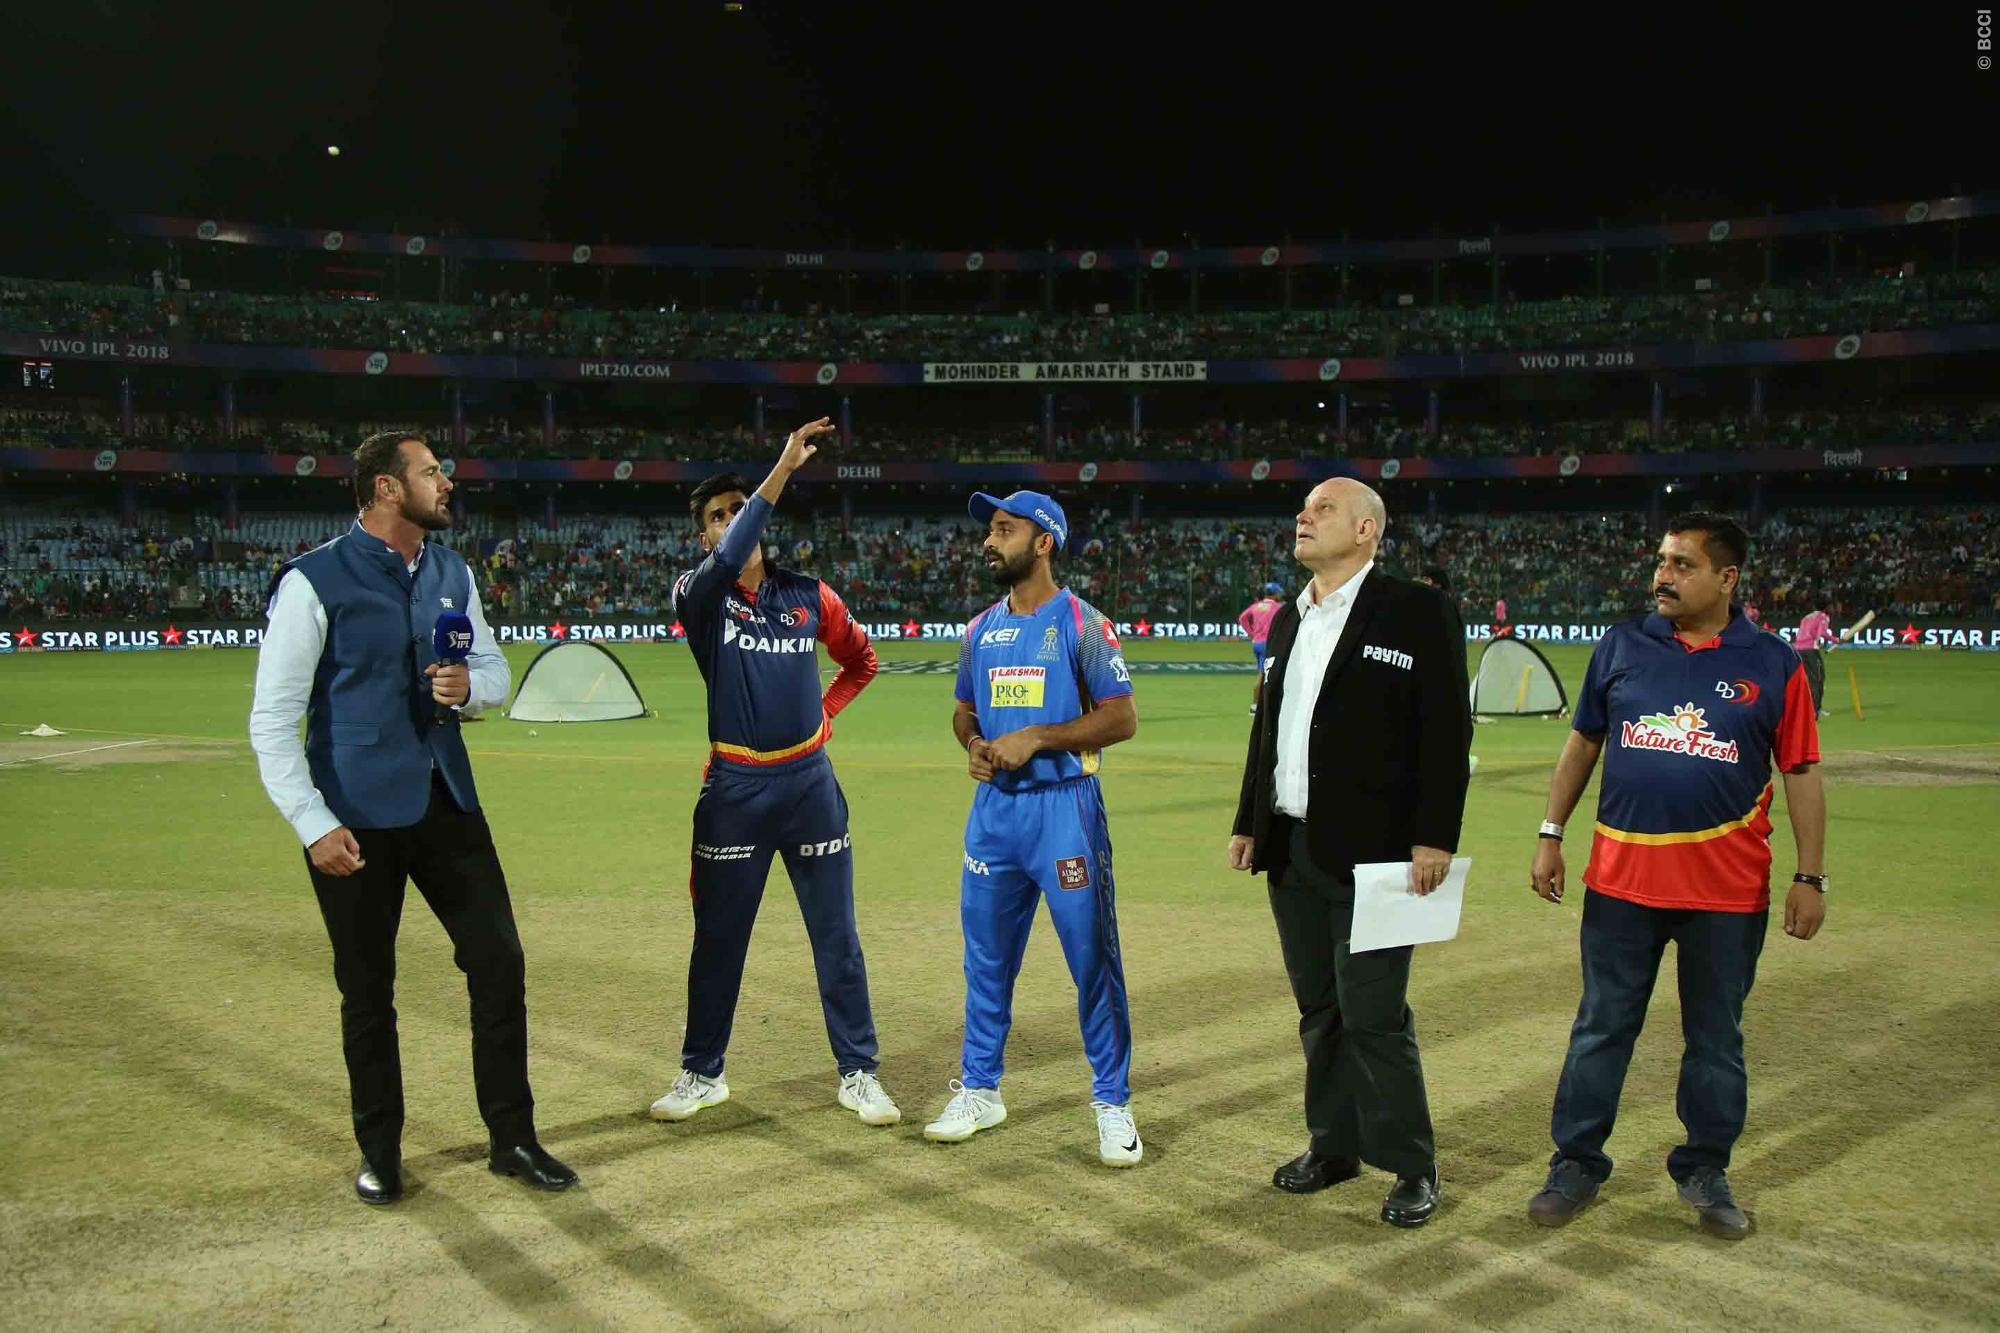 इन पांच कारणों की वजह से राजस्थान को करना पड़ा हार का सामना 6